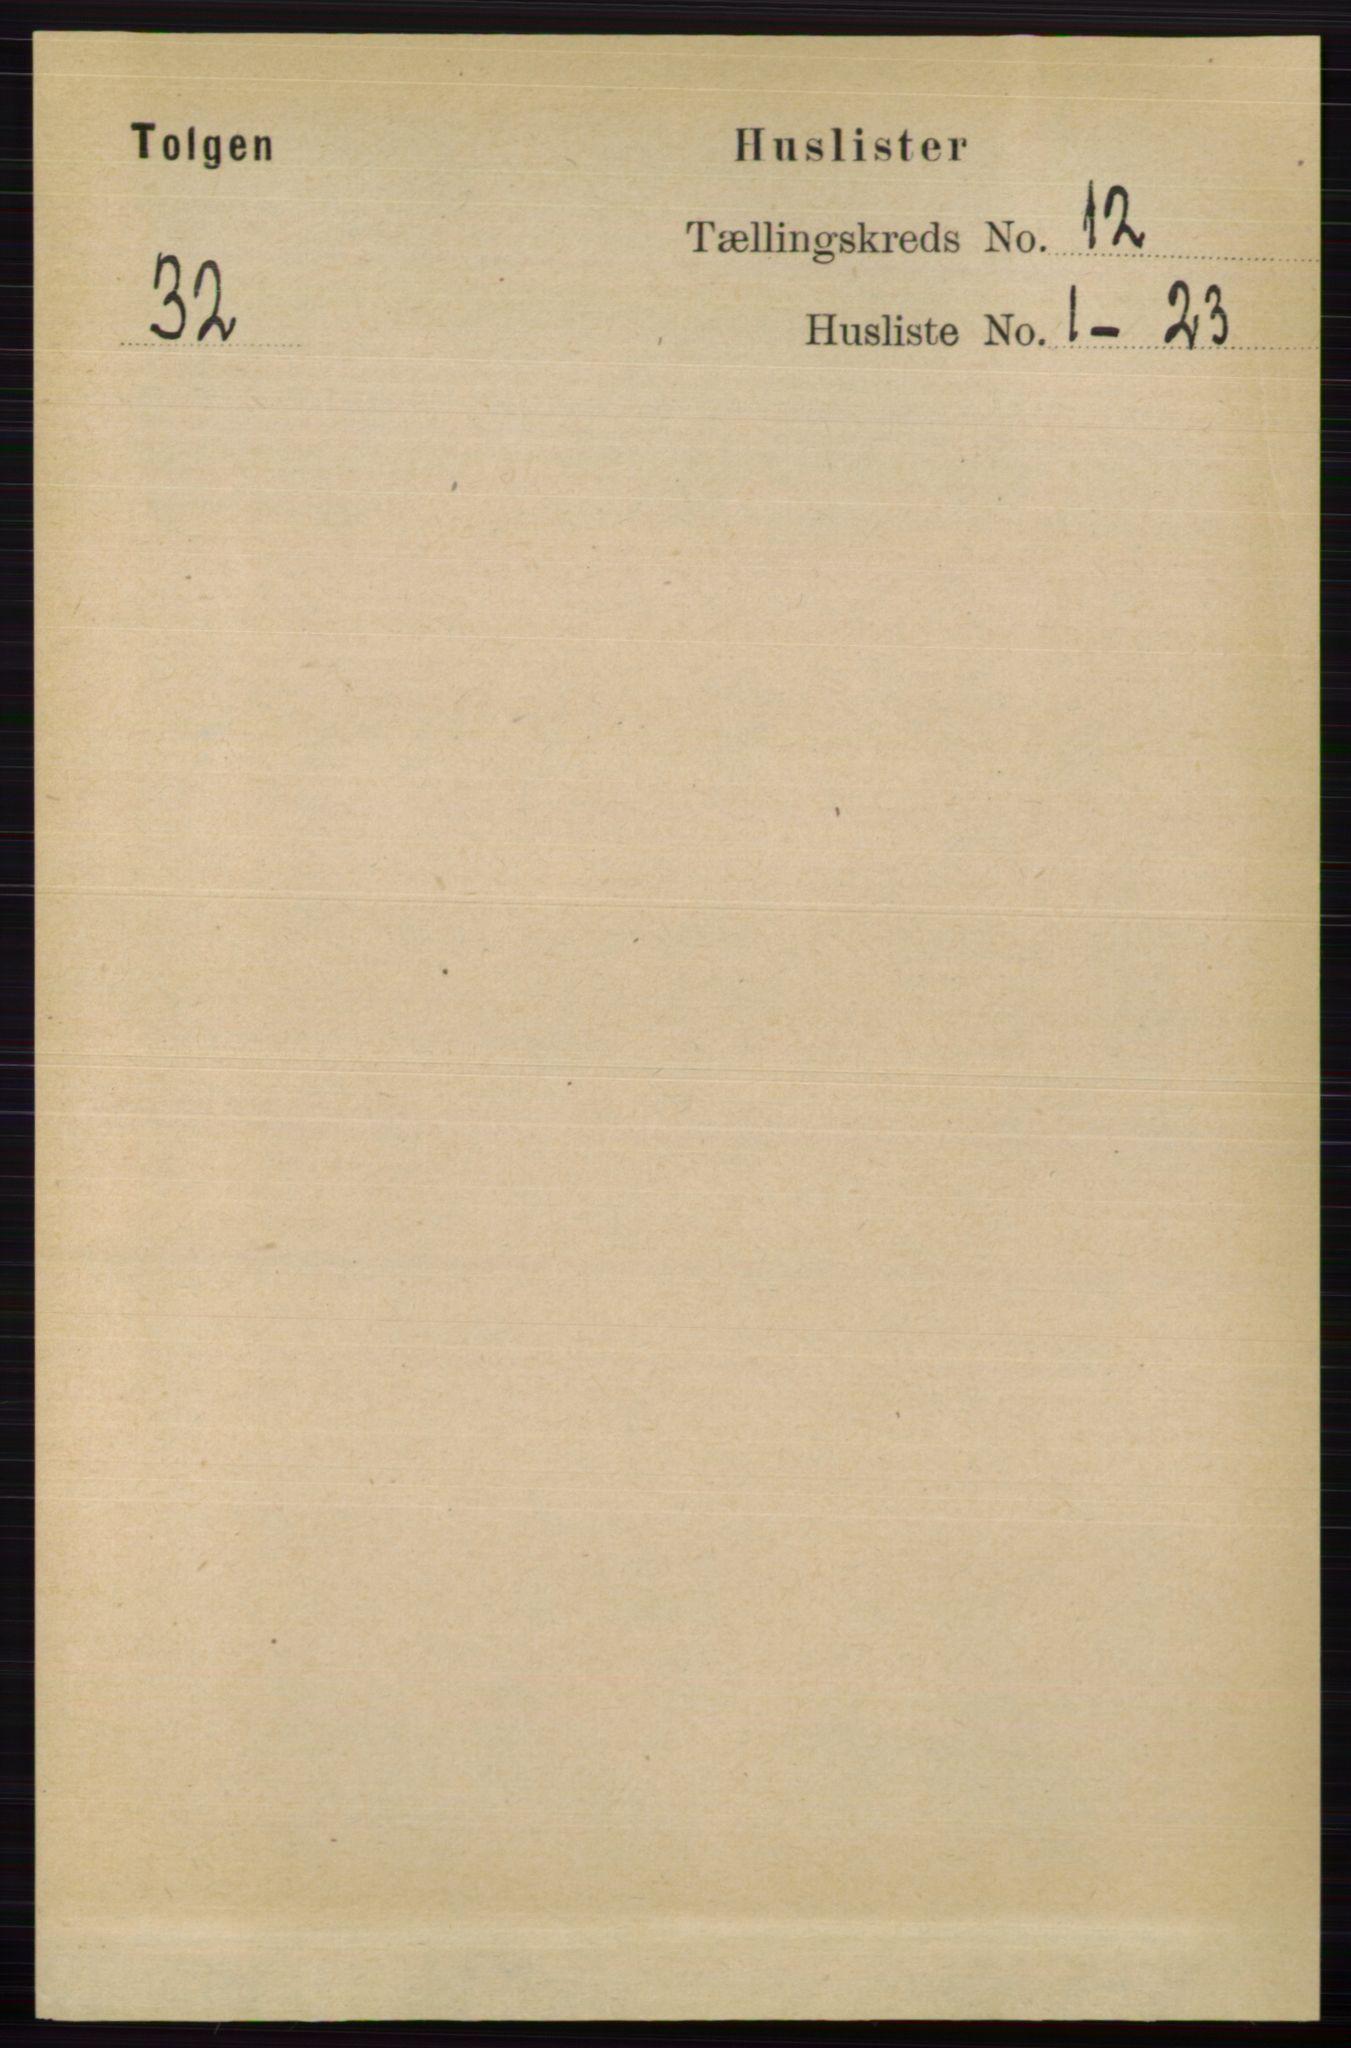 RA, Folketelling 1891 for 0436 Tolga herred, 1891, s. 3654